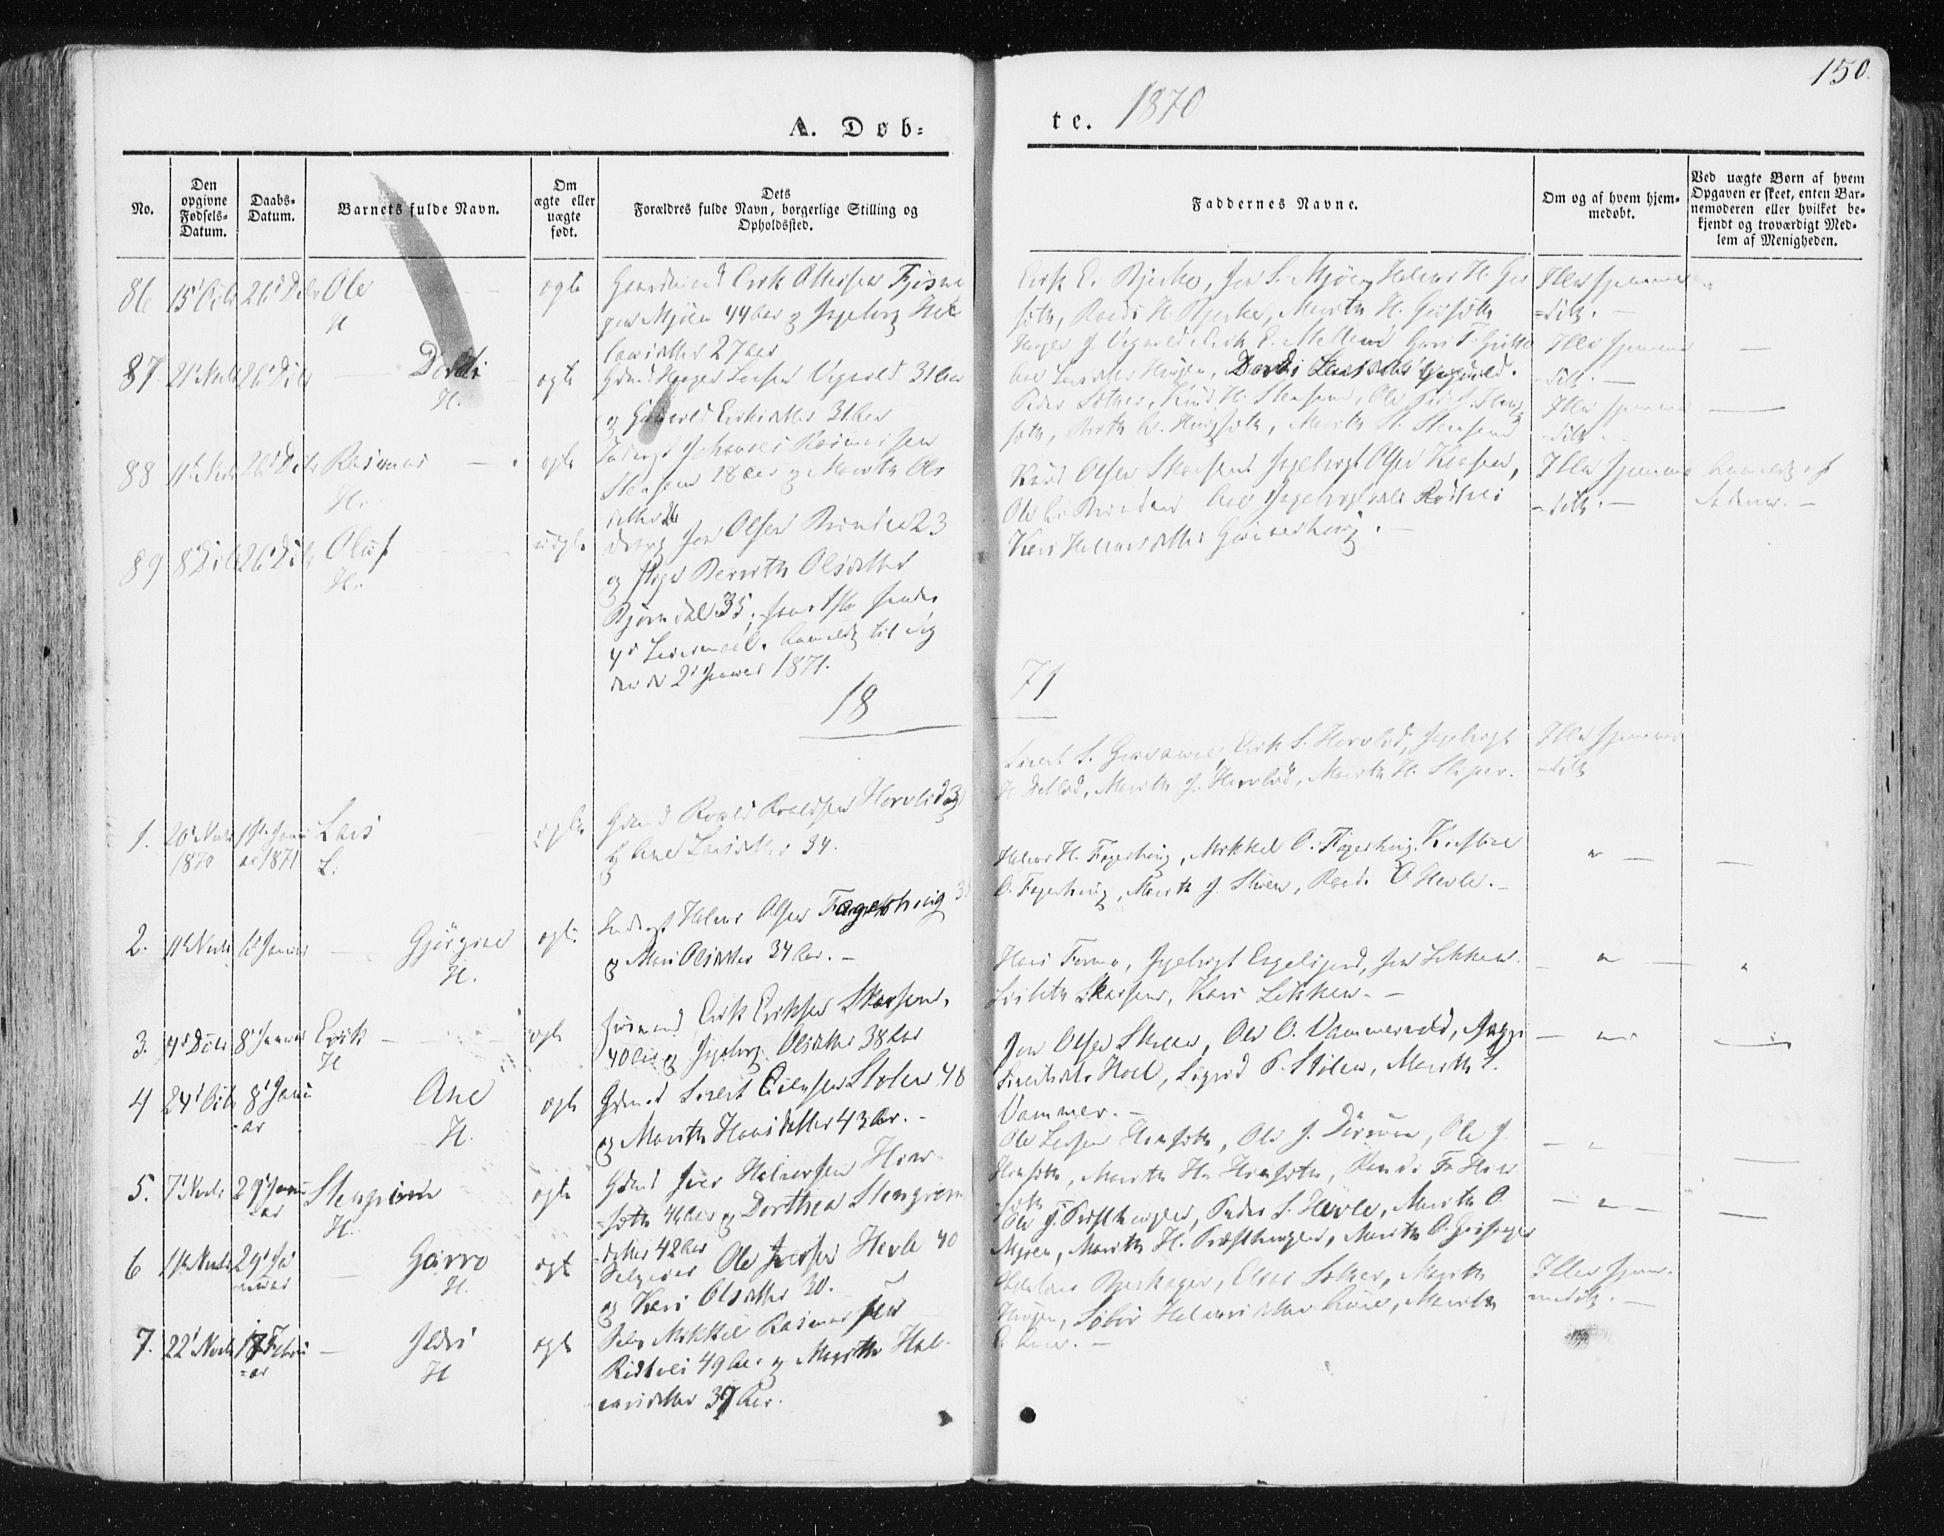 SAT, Ministerialprotokoller, klokkerbøker og fødselsregistre - Sør-Trøndelag, 678/L0899: Ministerialbok nr. 678A08, 1848-1872, s. 150